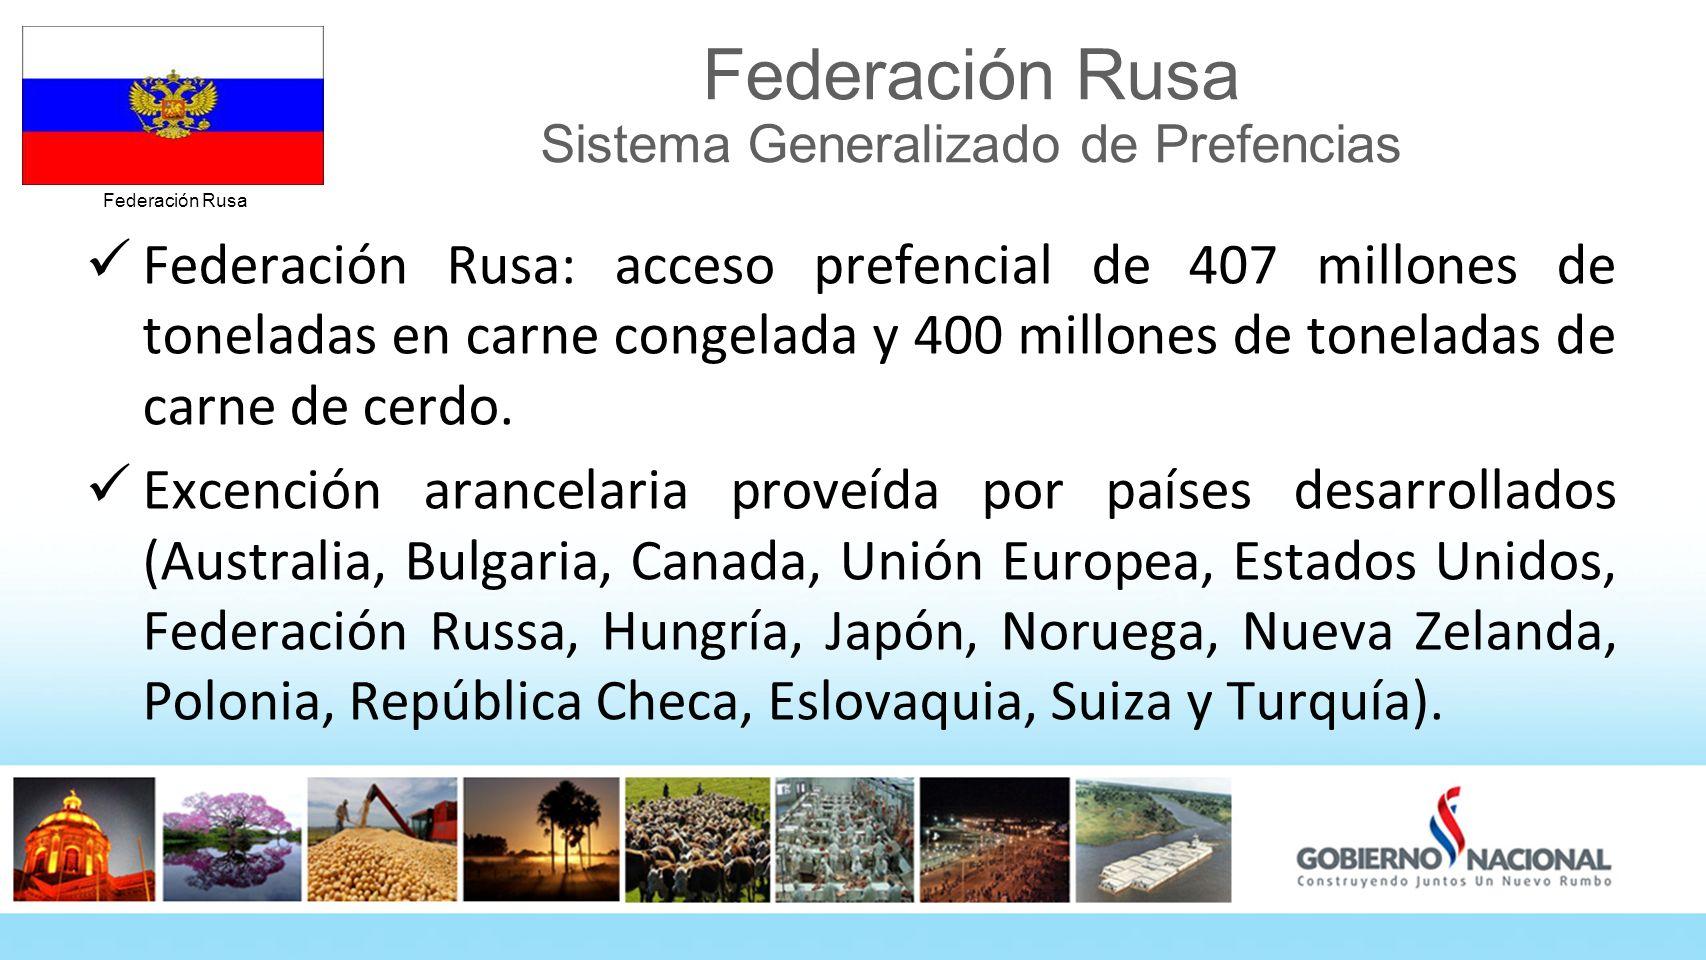 Federación Rusa Sistema Generalizado de Prefencias